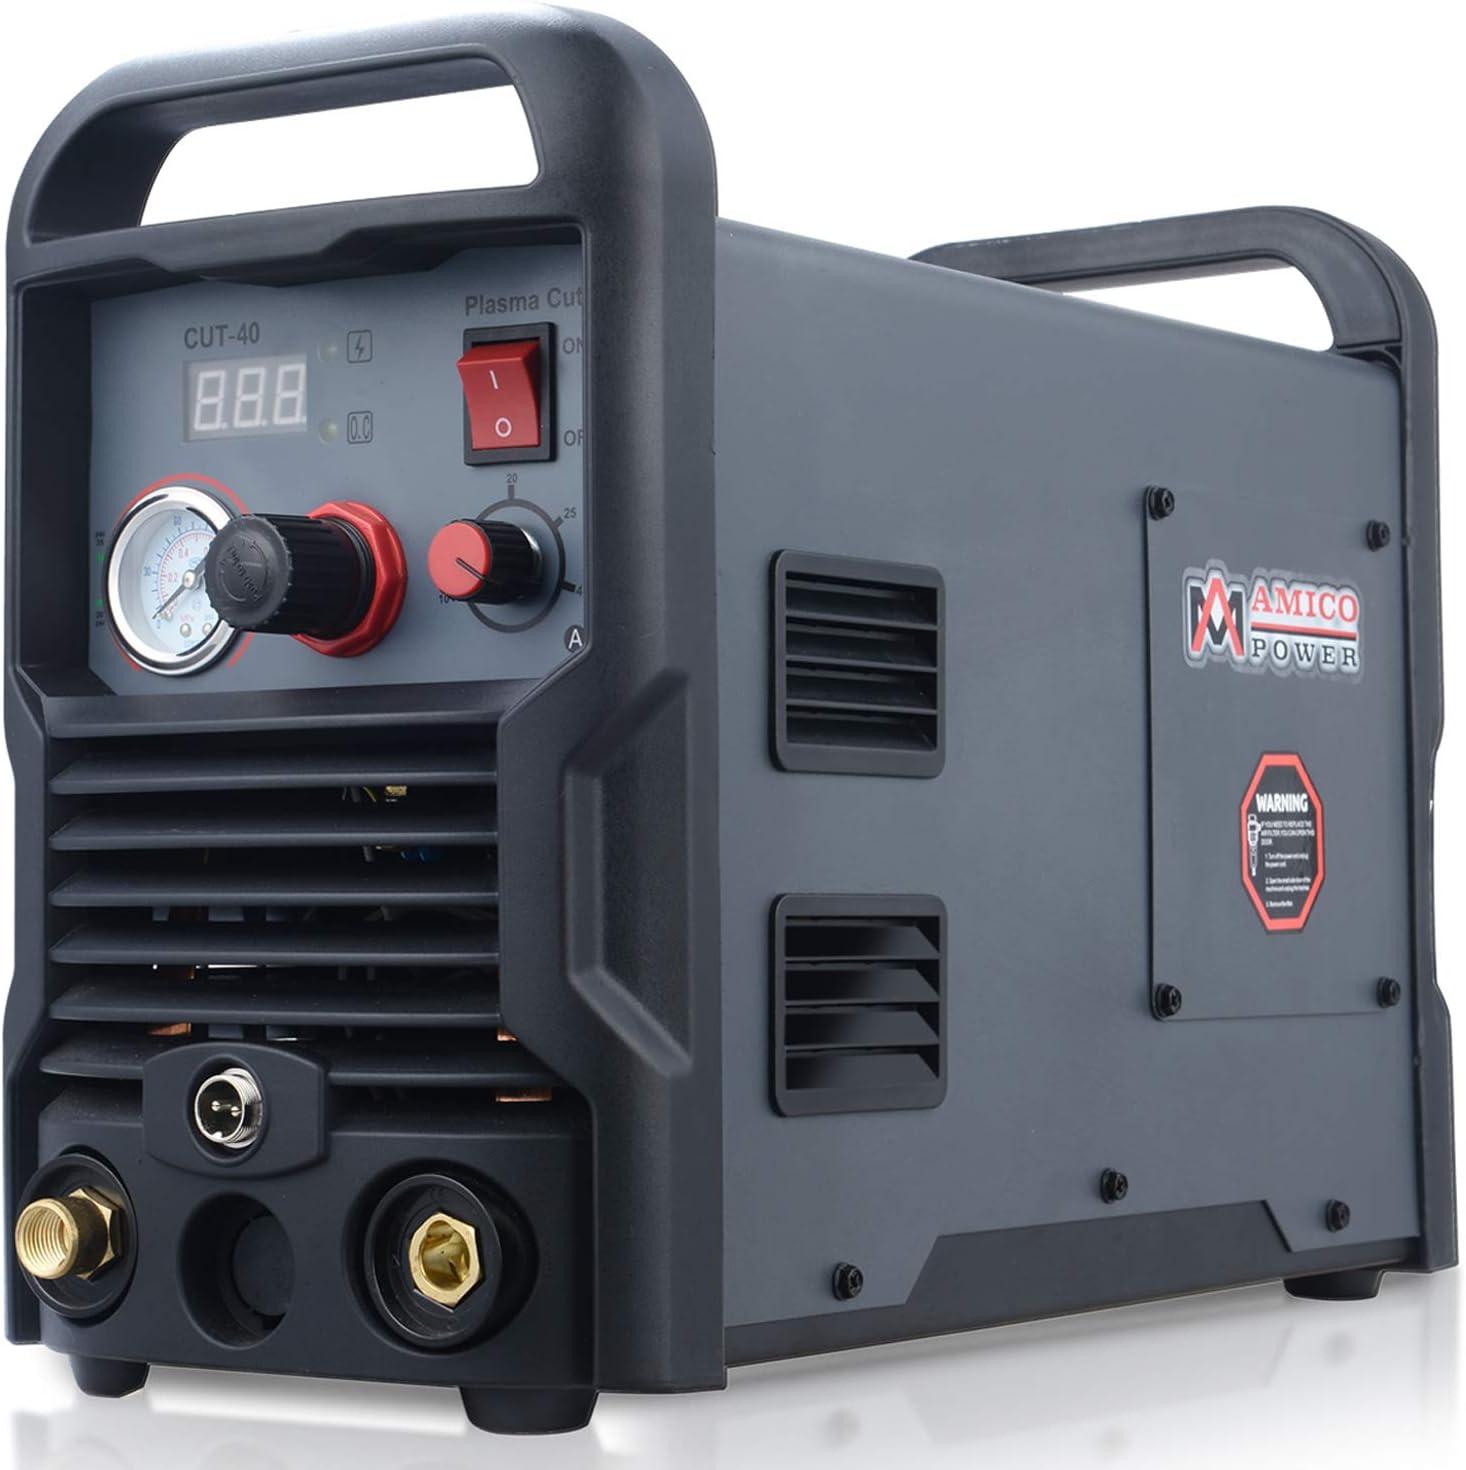 CUT40 Plasma Cutter 220V Electric Digtal Air Plasma Cutting Machine Inverter UK